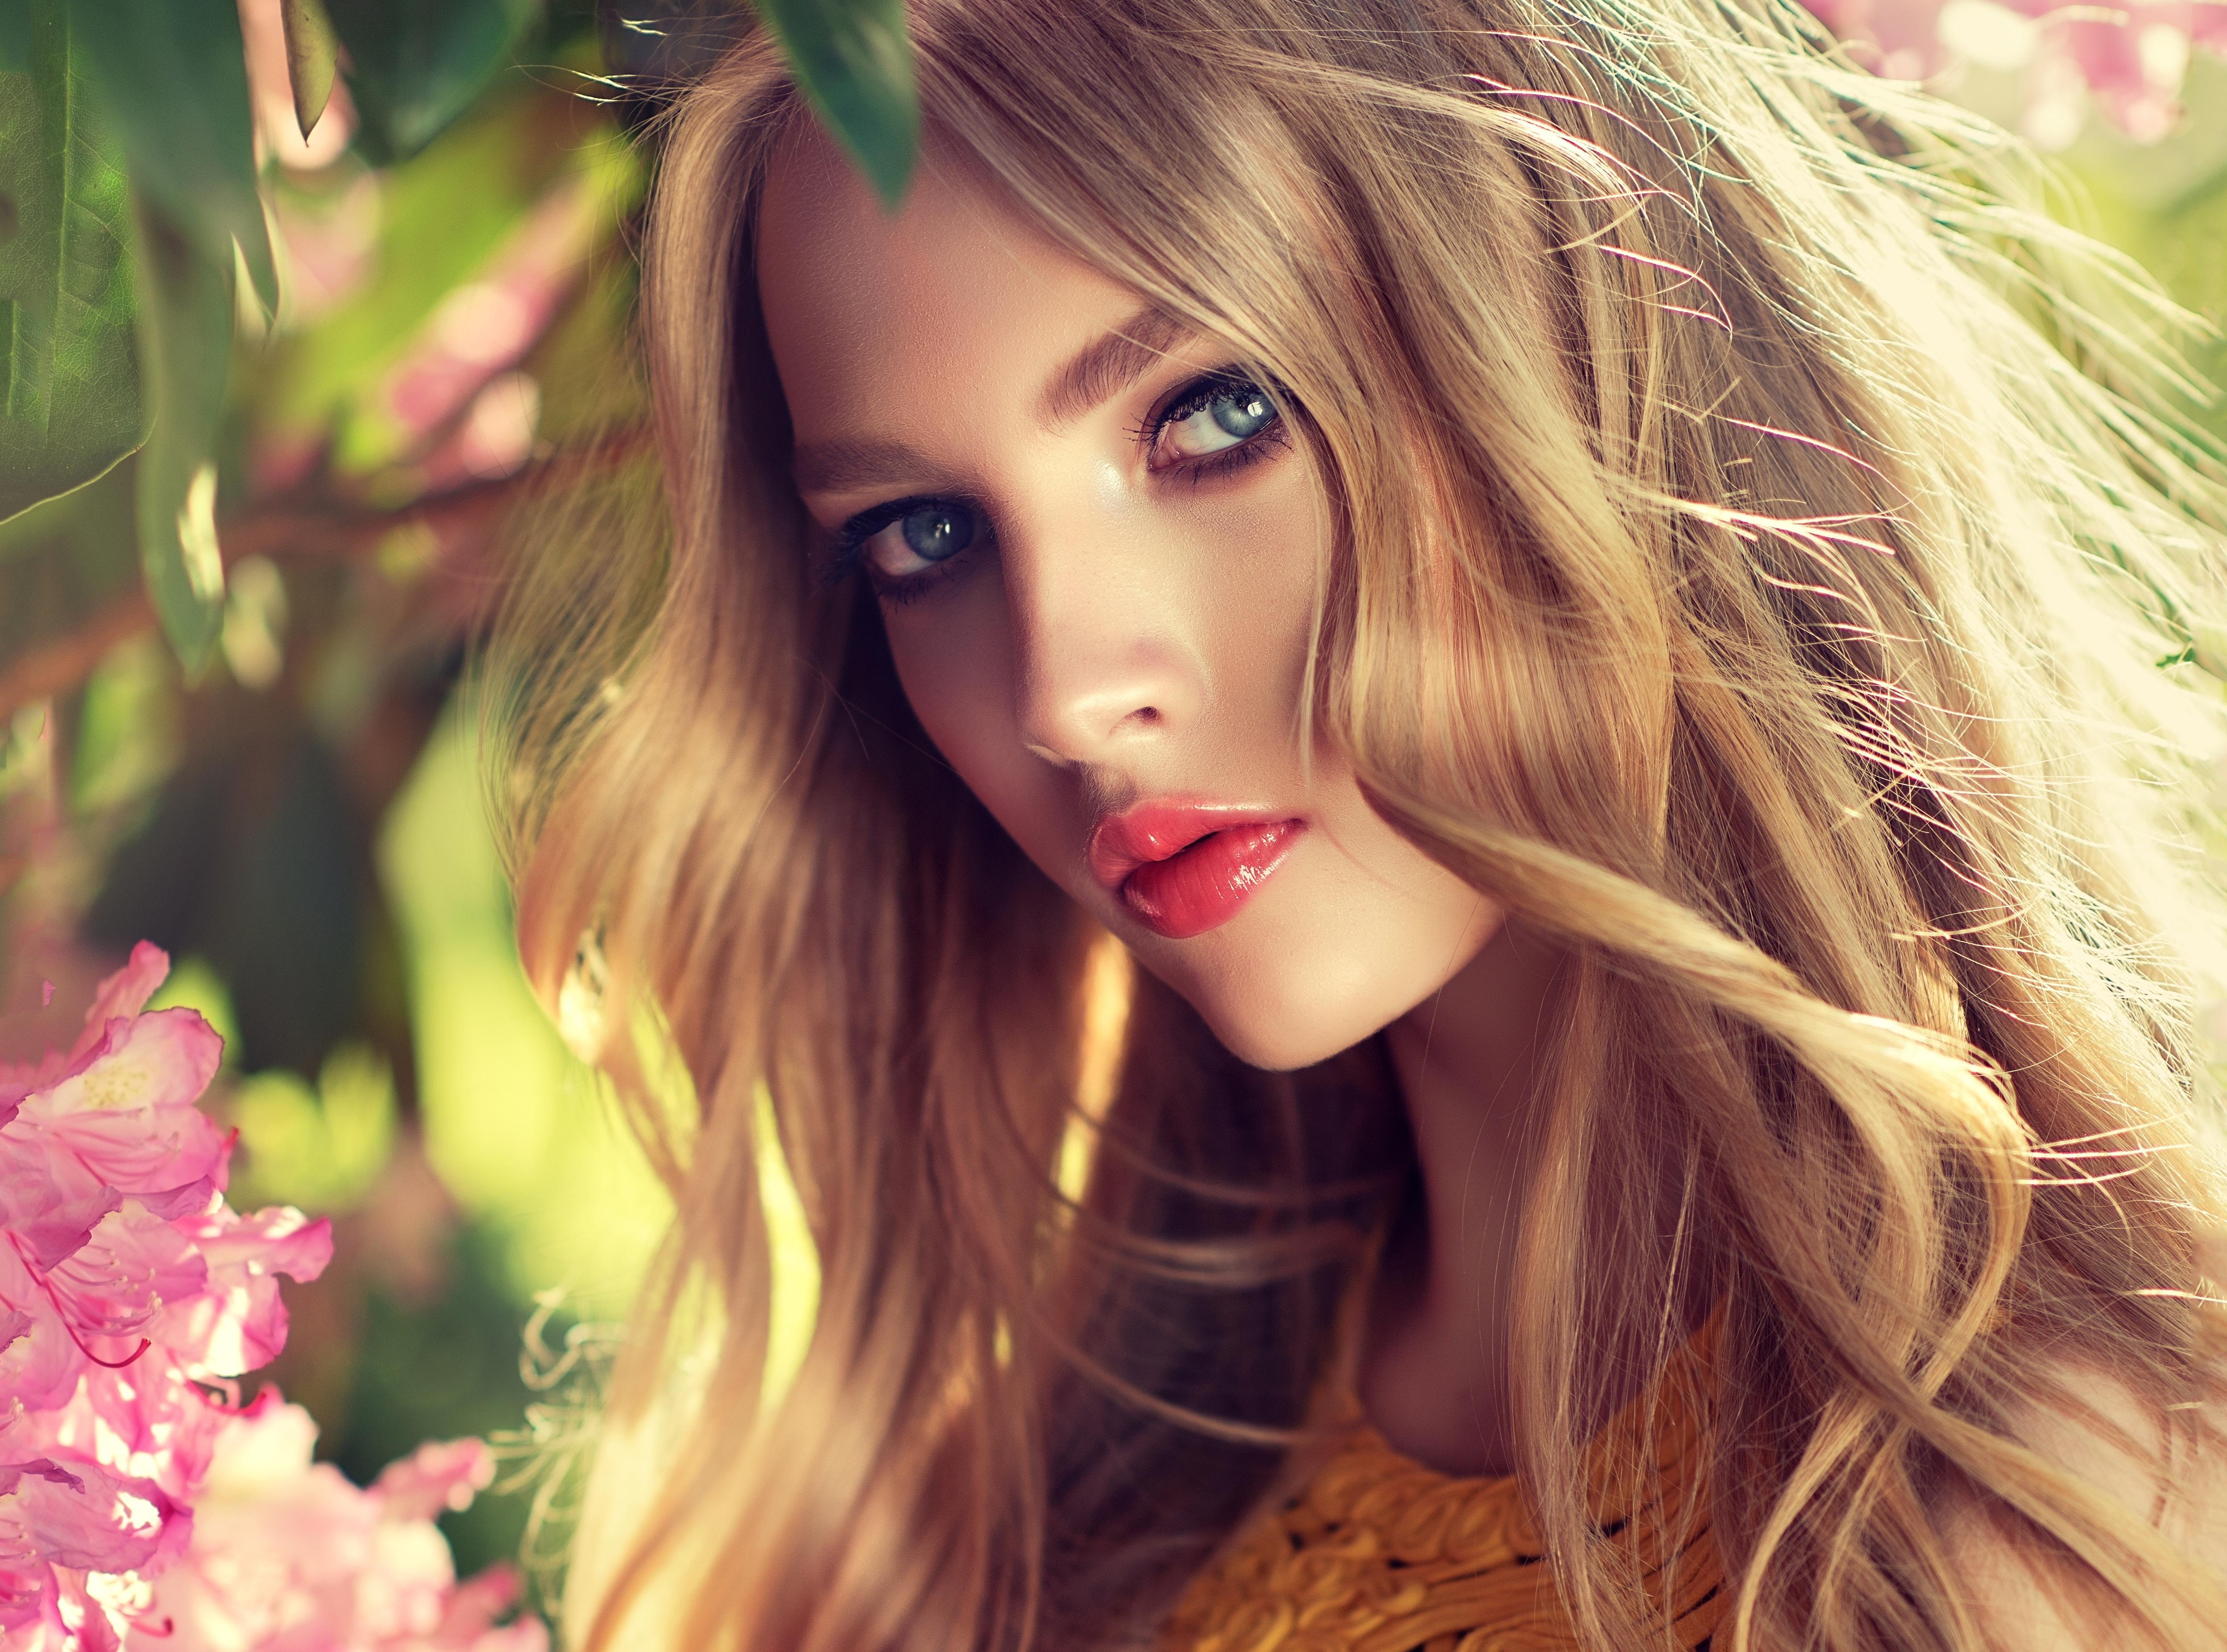 Фото Русые Блондинка Красивые Лицо Девушки смотрит 4992x3703 Взгляд